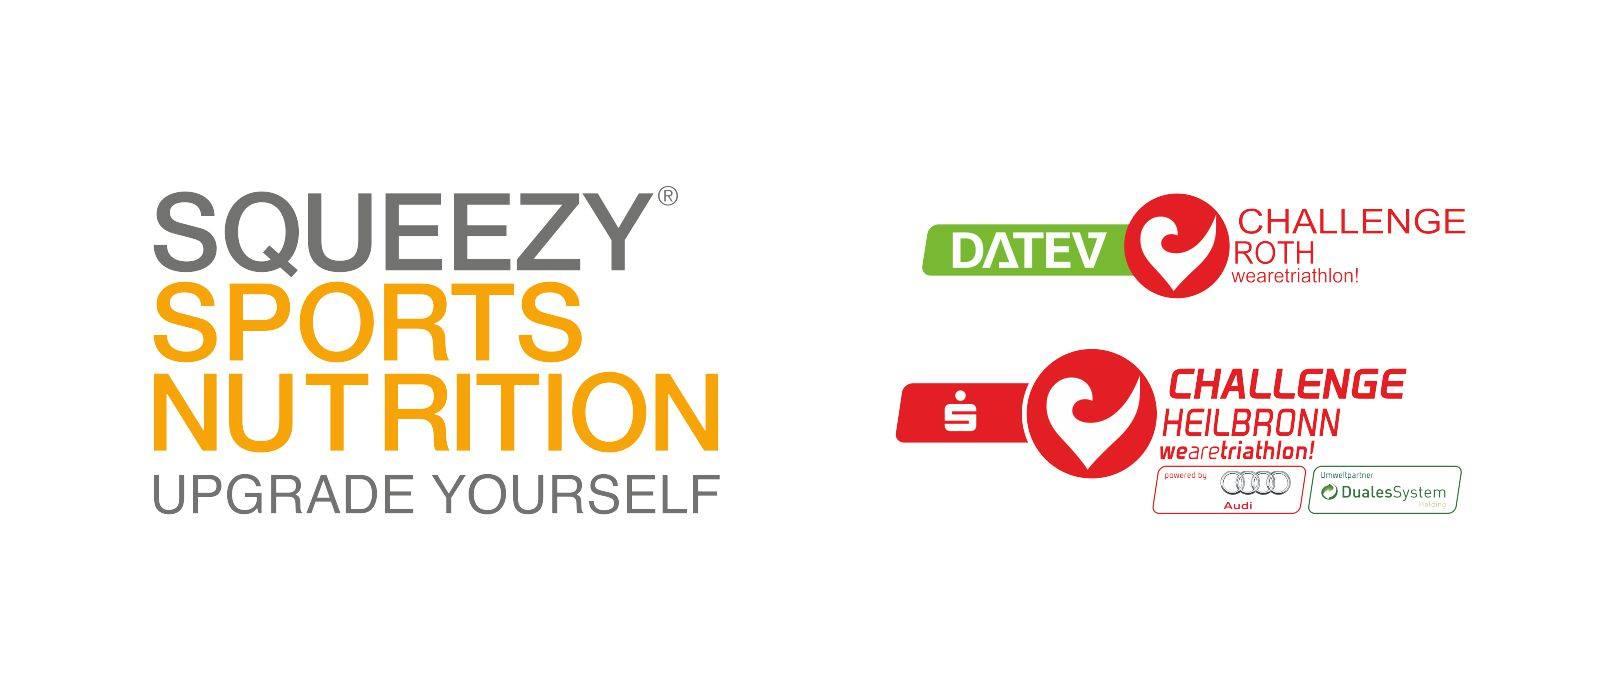 SQUEEZY erneut Nutrition Partner der DATEV Challenge Roth und der ...